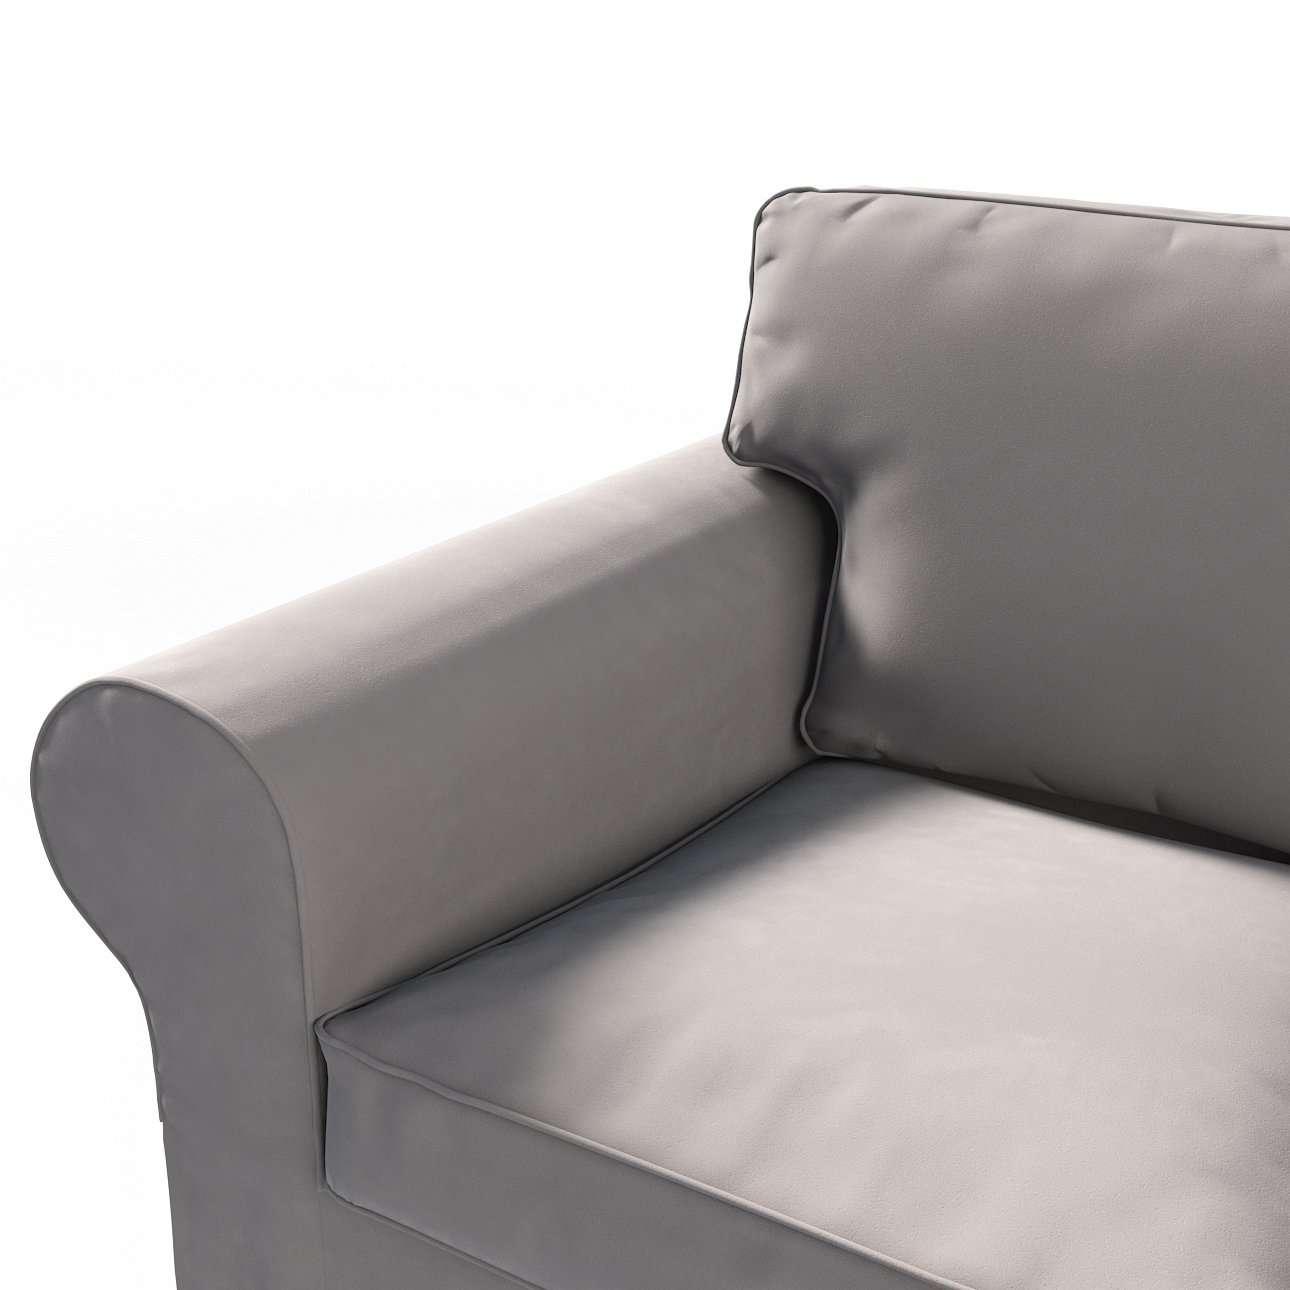 Ektorp 2 sæder sovesofa fra 2012<br/>Bredde ca 200cm fra kollektionen Velvet, Stof: 704-11